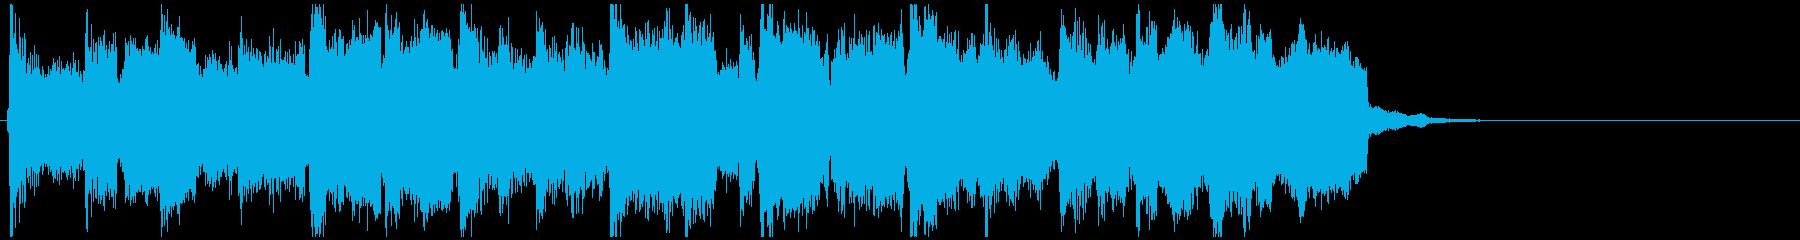 宿屋でゆっくり休む系のリコーダージングルの再生済みの波形